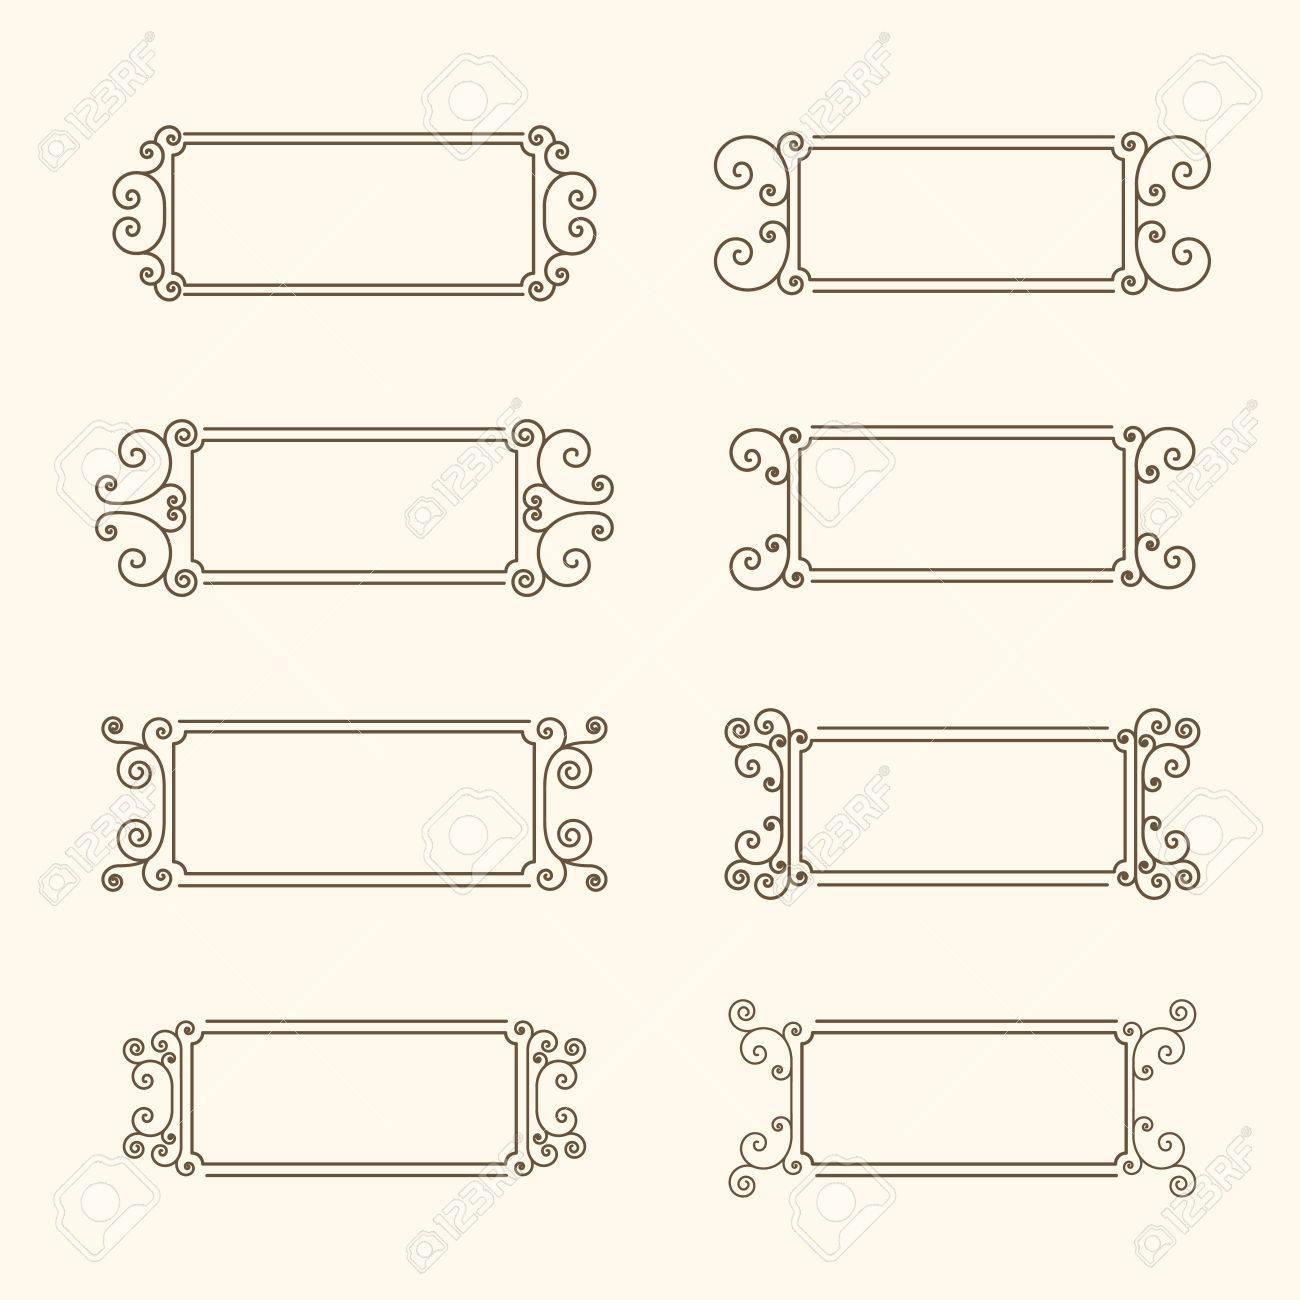 Conjunto De Cuadros De época Capítulo Con Remolinos Y Decoración De Las Hojas Marco Decorativo Para Las Invitaciones Tarjetas De Felicitación